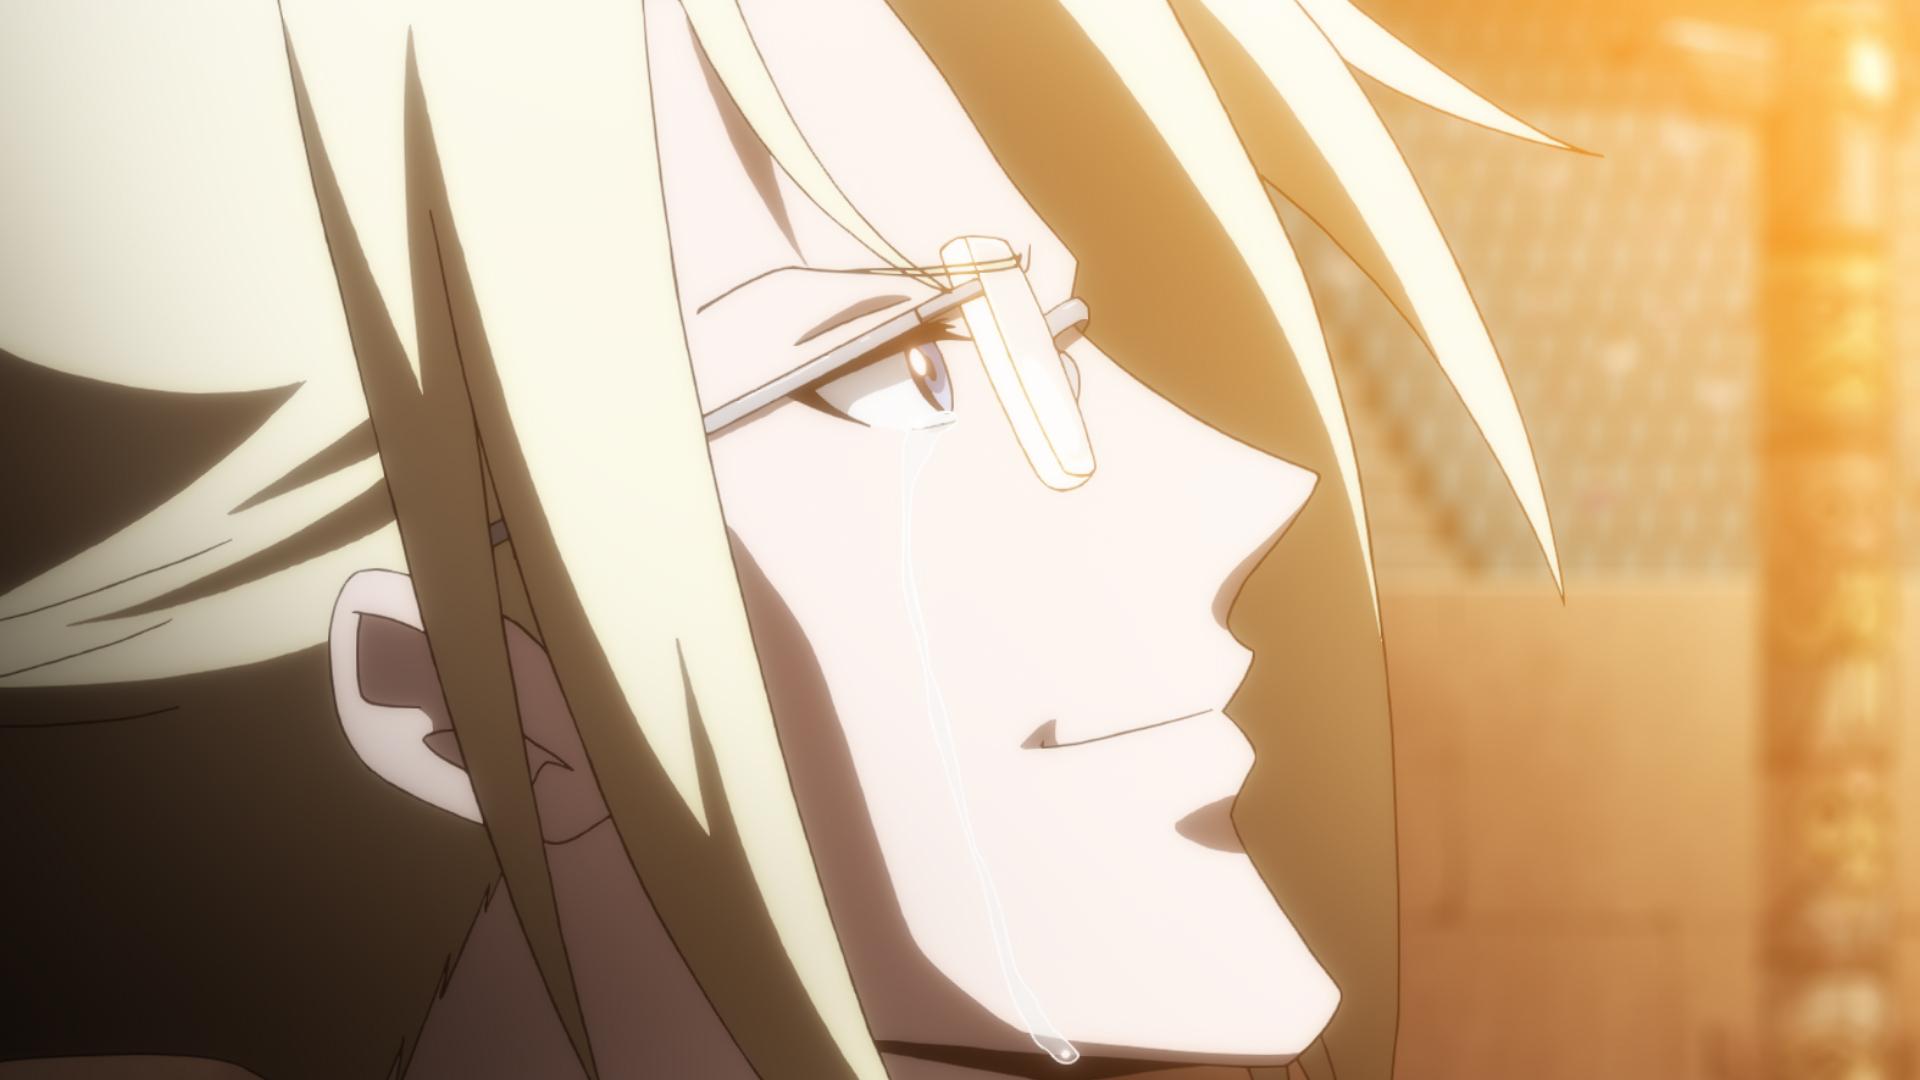 【アニメ】シャーマンキングの21話ネタバレ感想 | シャーマンファイト2試合目開始